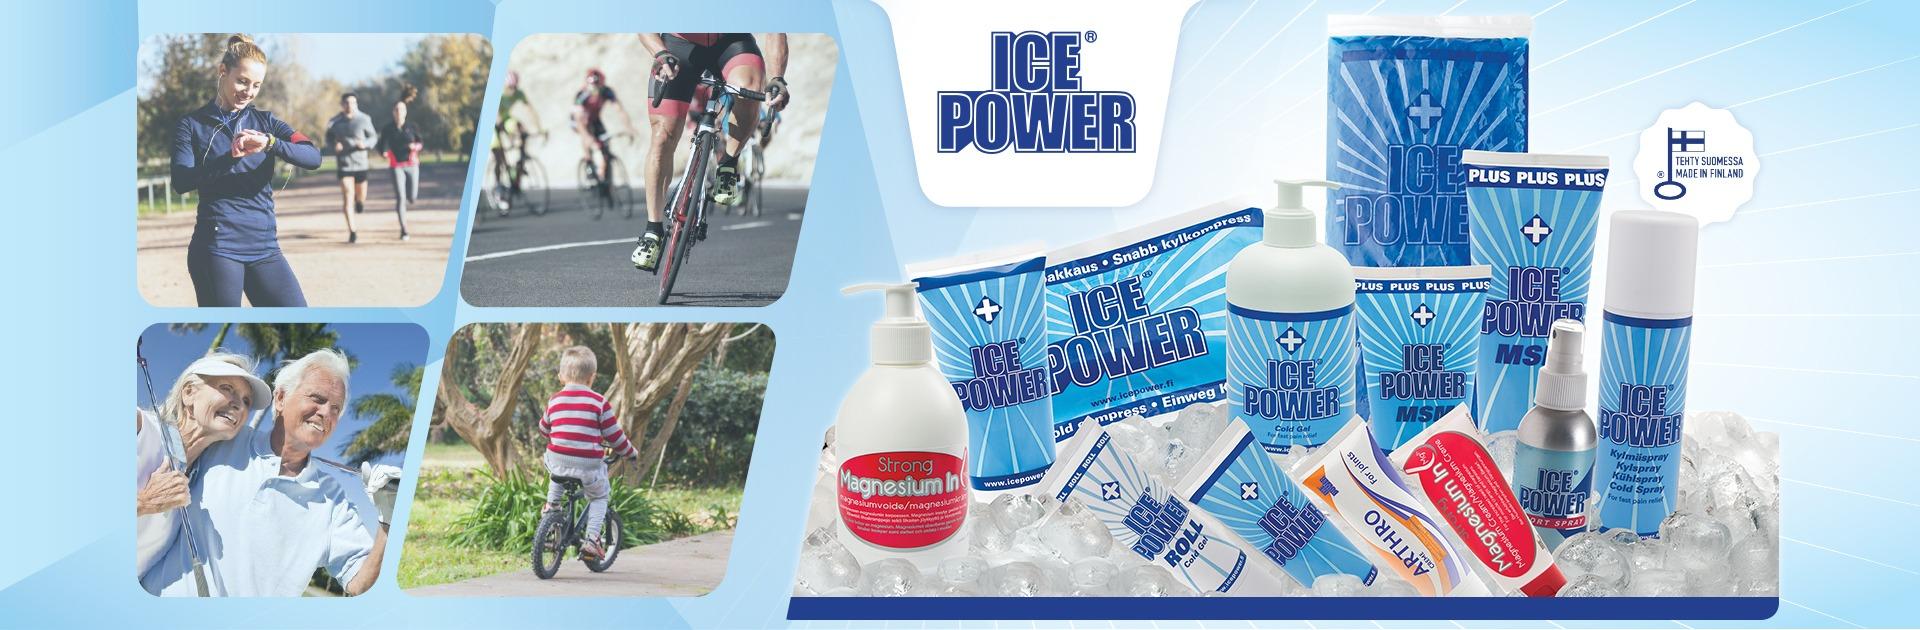 ice power banner vhodna 1